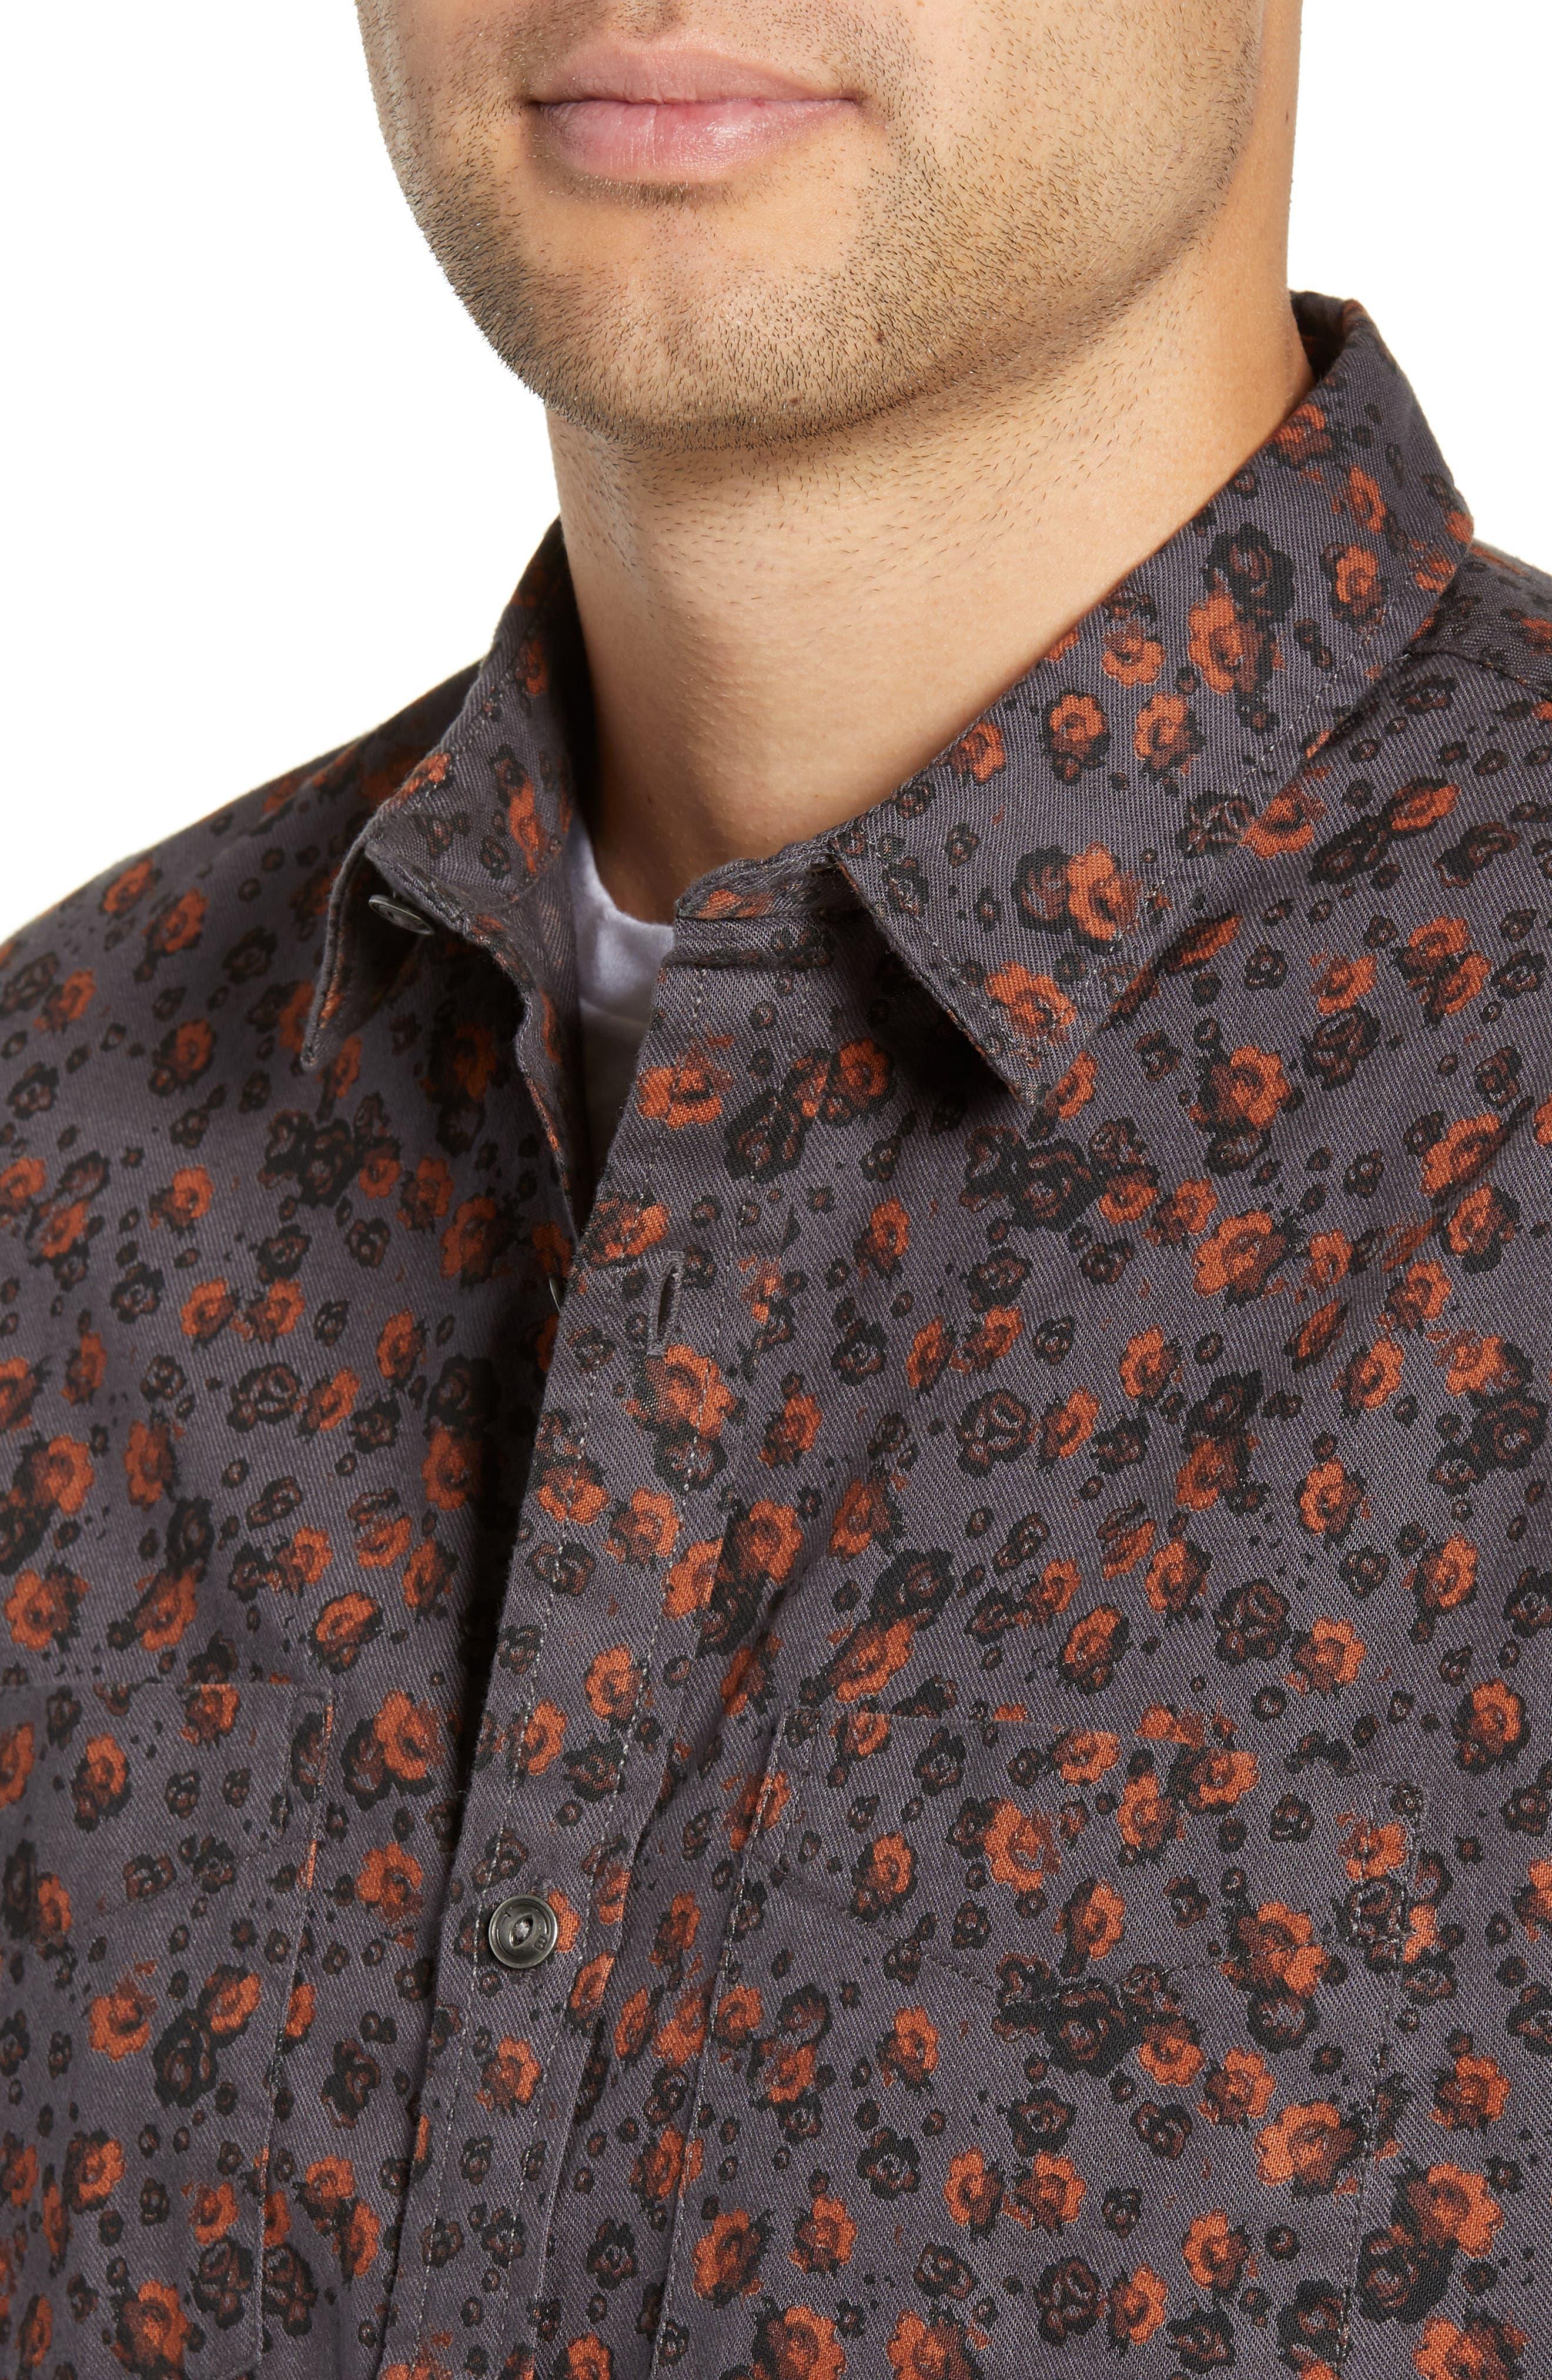 Floral Flannel Sport Shirt,                             Alternate thumbnail 2, color,                             GREY METEOR FOLK FLORAL